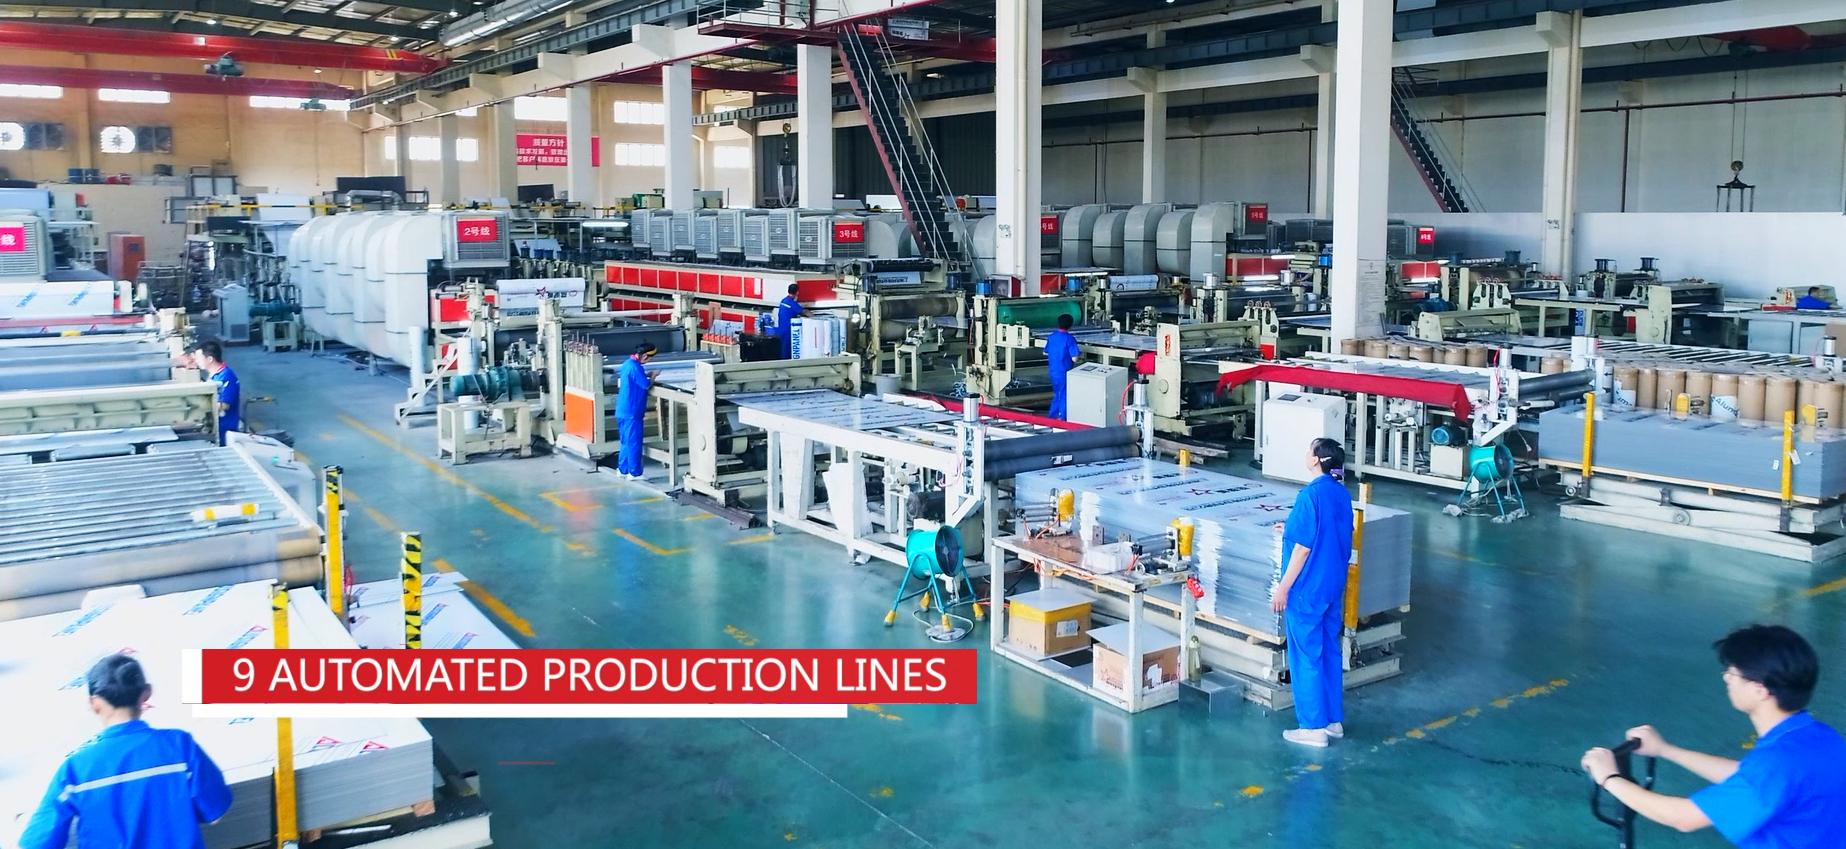 Acp paneles compuestos de aluminio fabricante en Shanghai